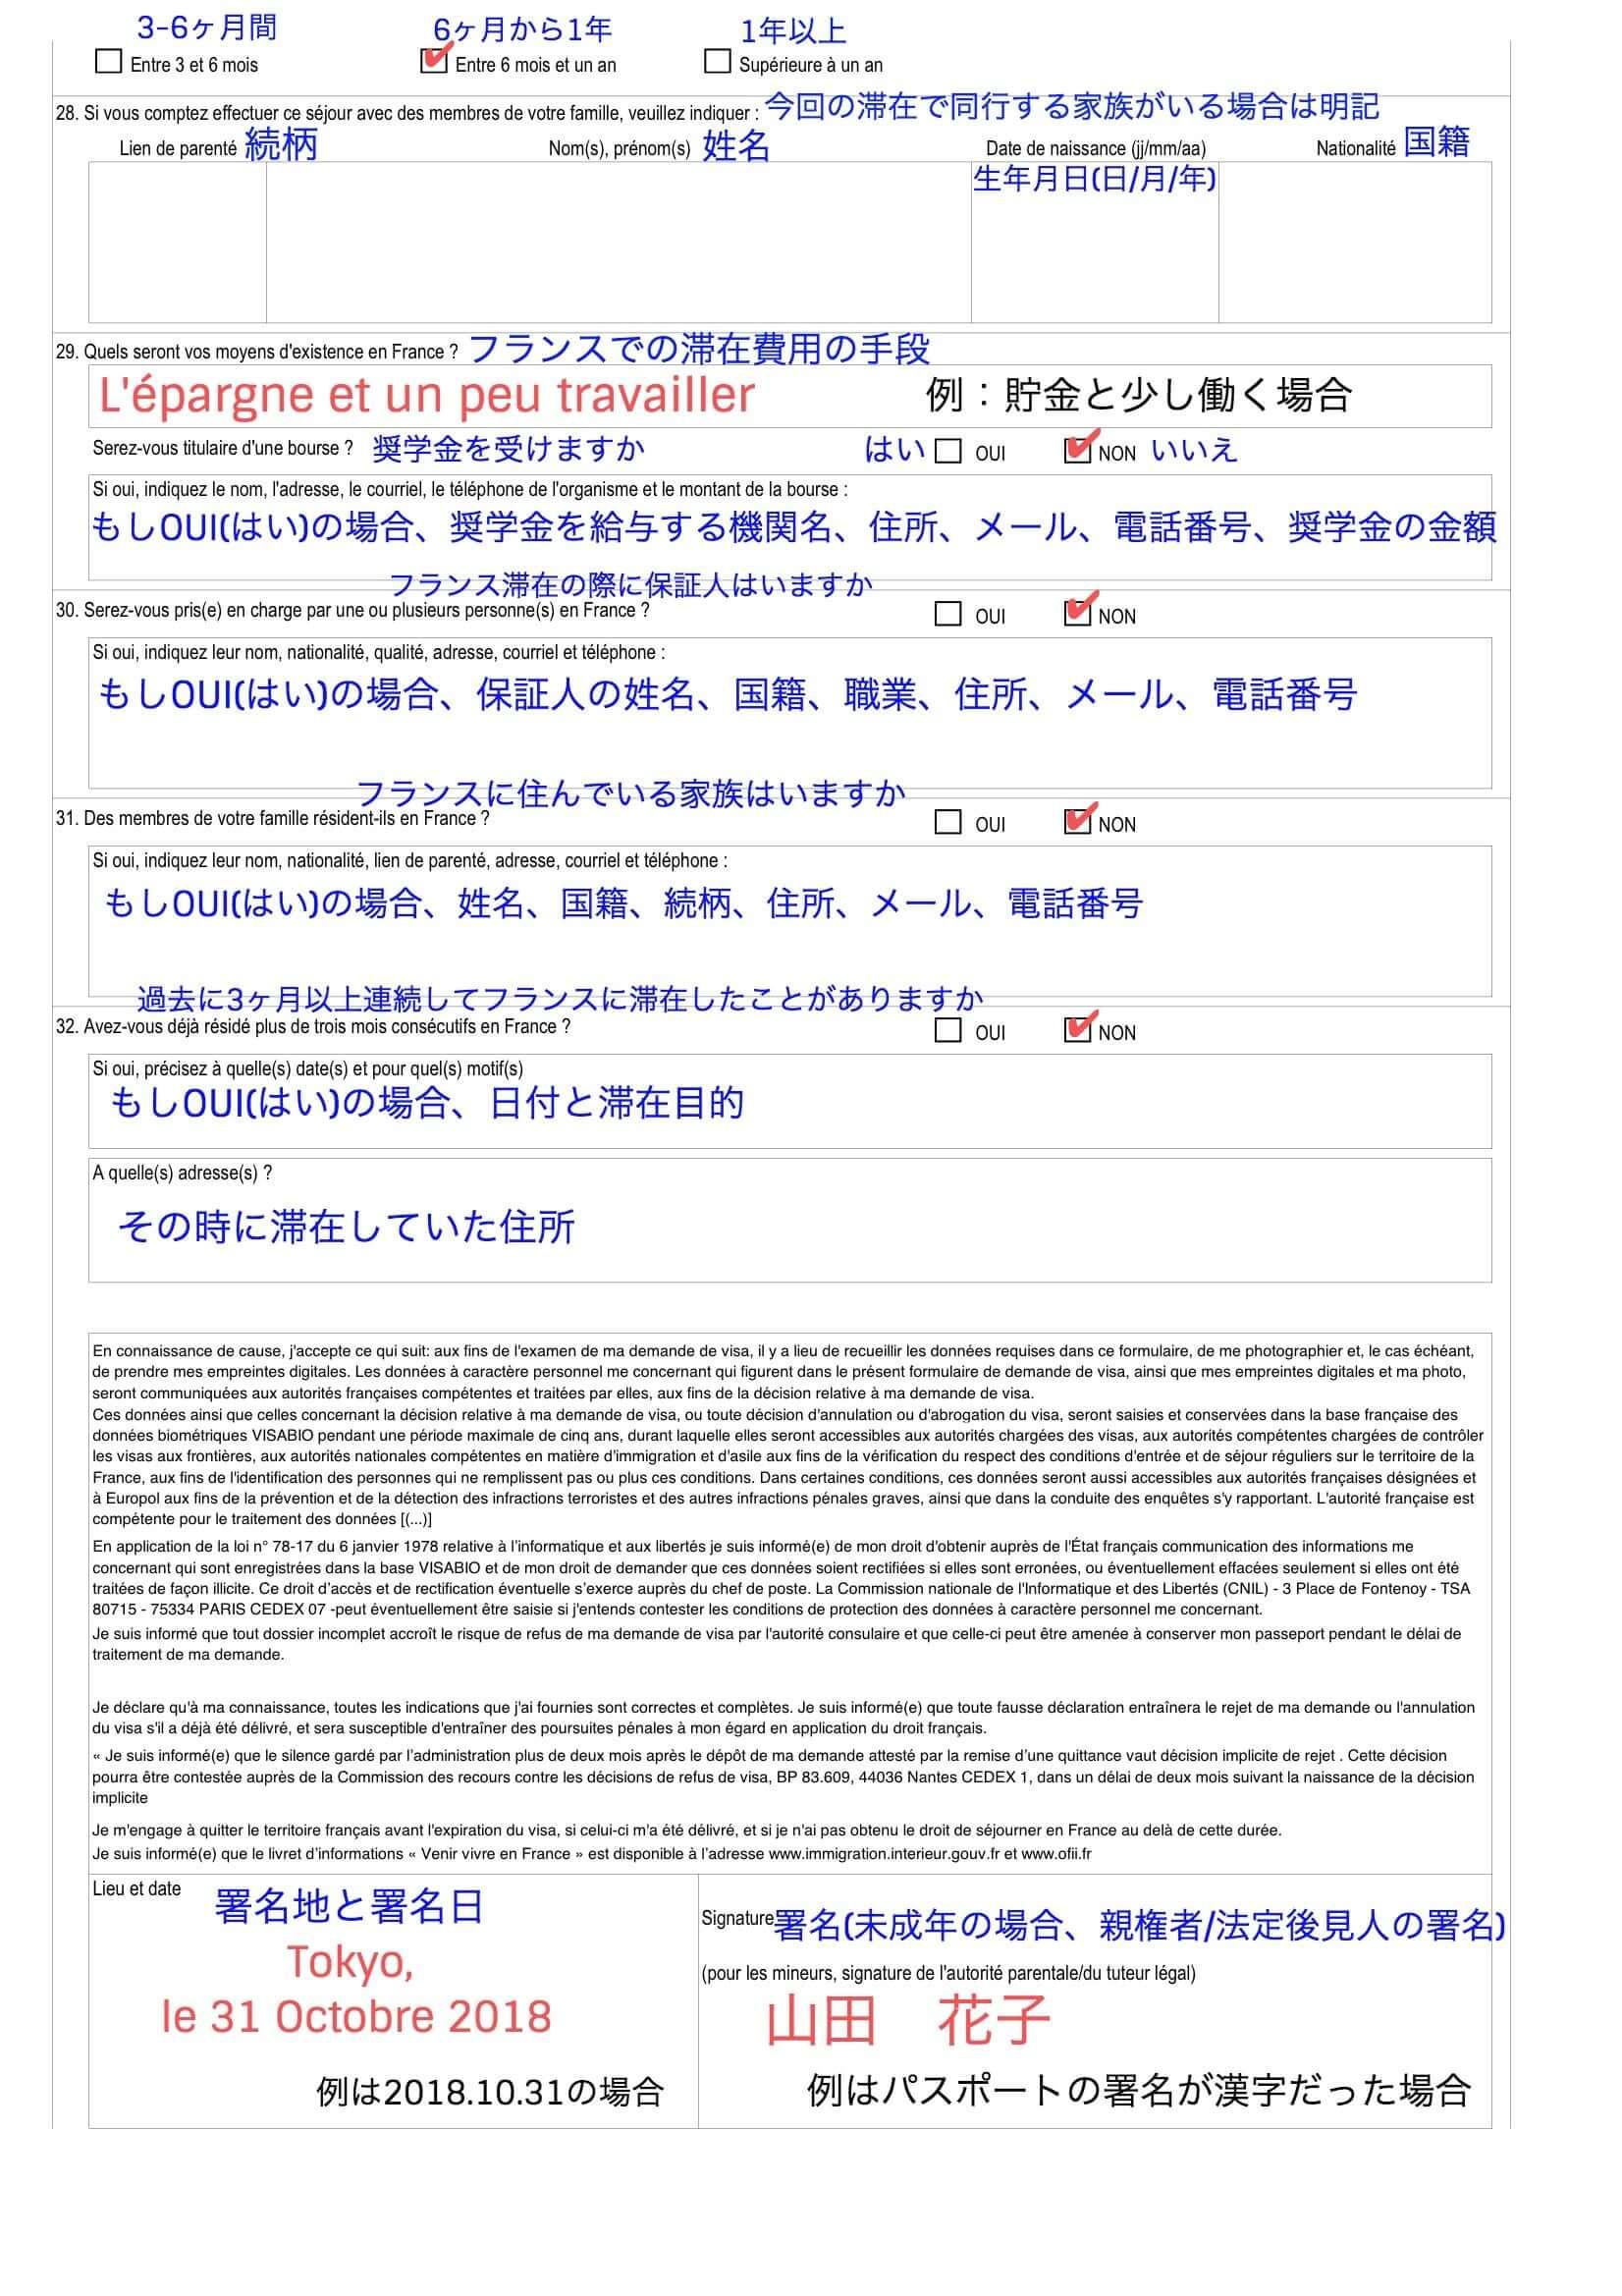 フランス長期ビザ申請書 書き方見本2